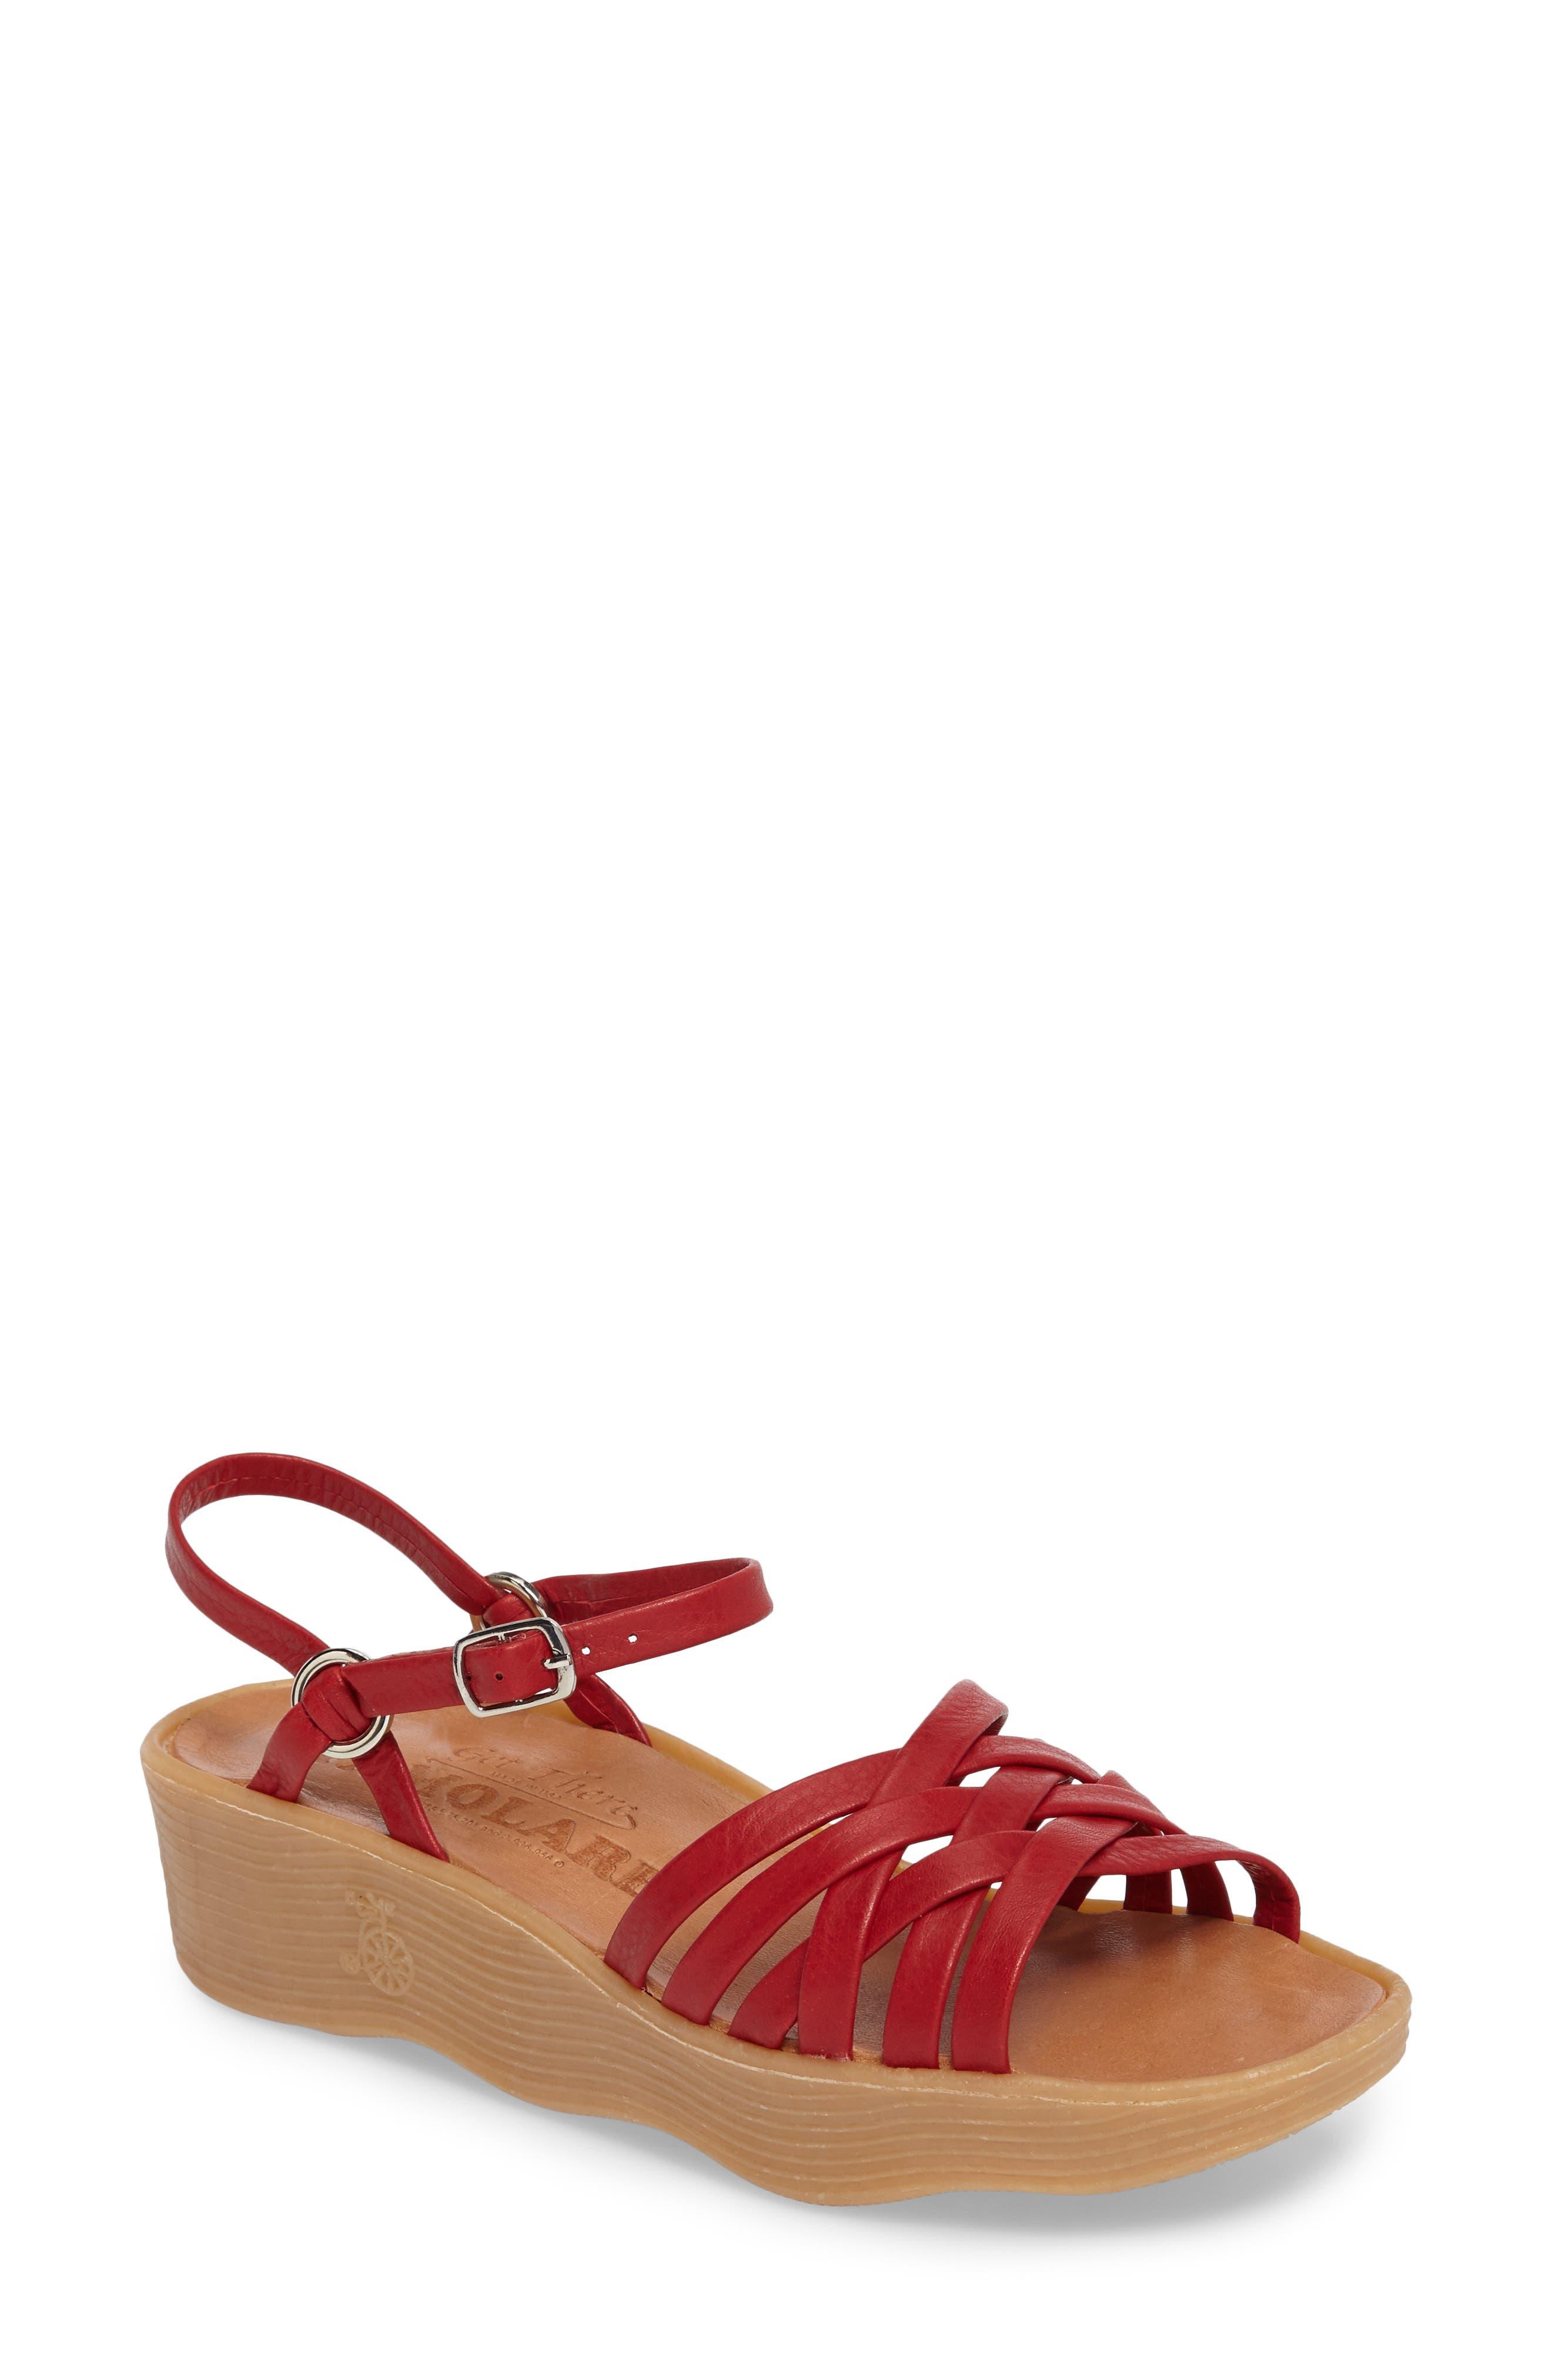 Vintage Sandal History: Retro 1920s to 1970s Sandals Womens Famolare Strappy Camper Sandal $147.95 AT vintagedancer.com